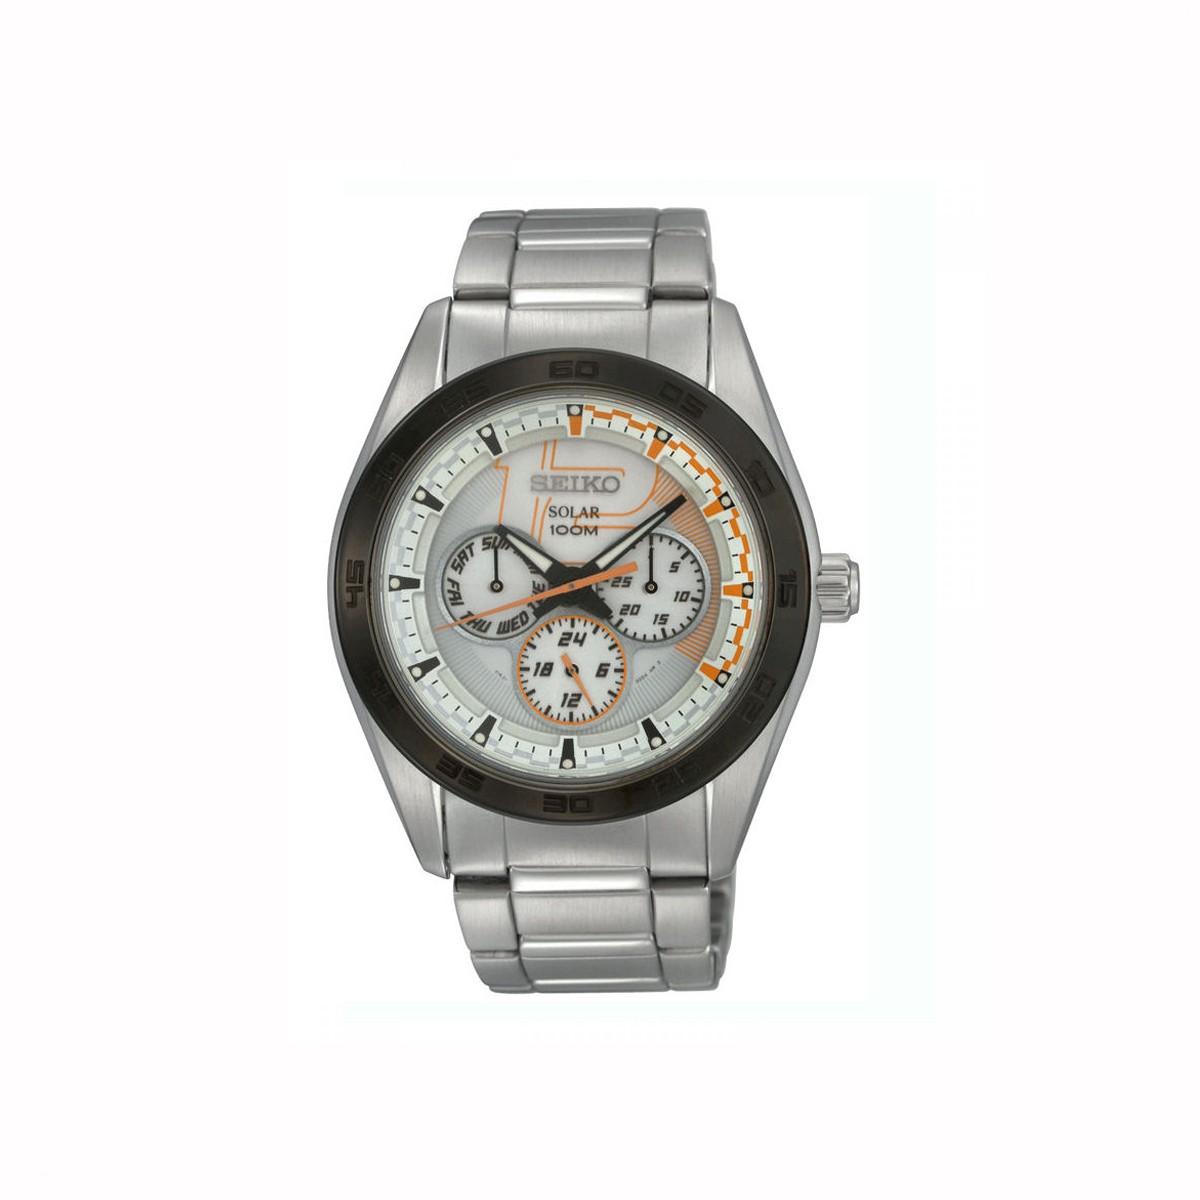 นาฬิกาข้อมือ SEIKO Criteria SOLAR Chronograph รุ่น SNE197P1